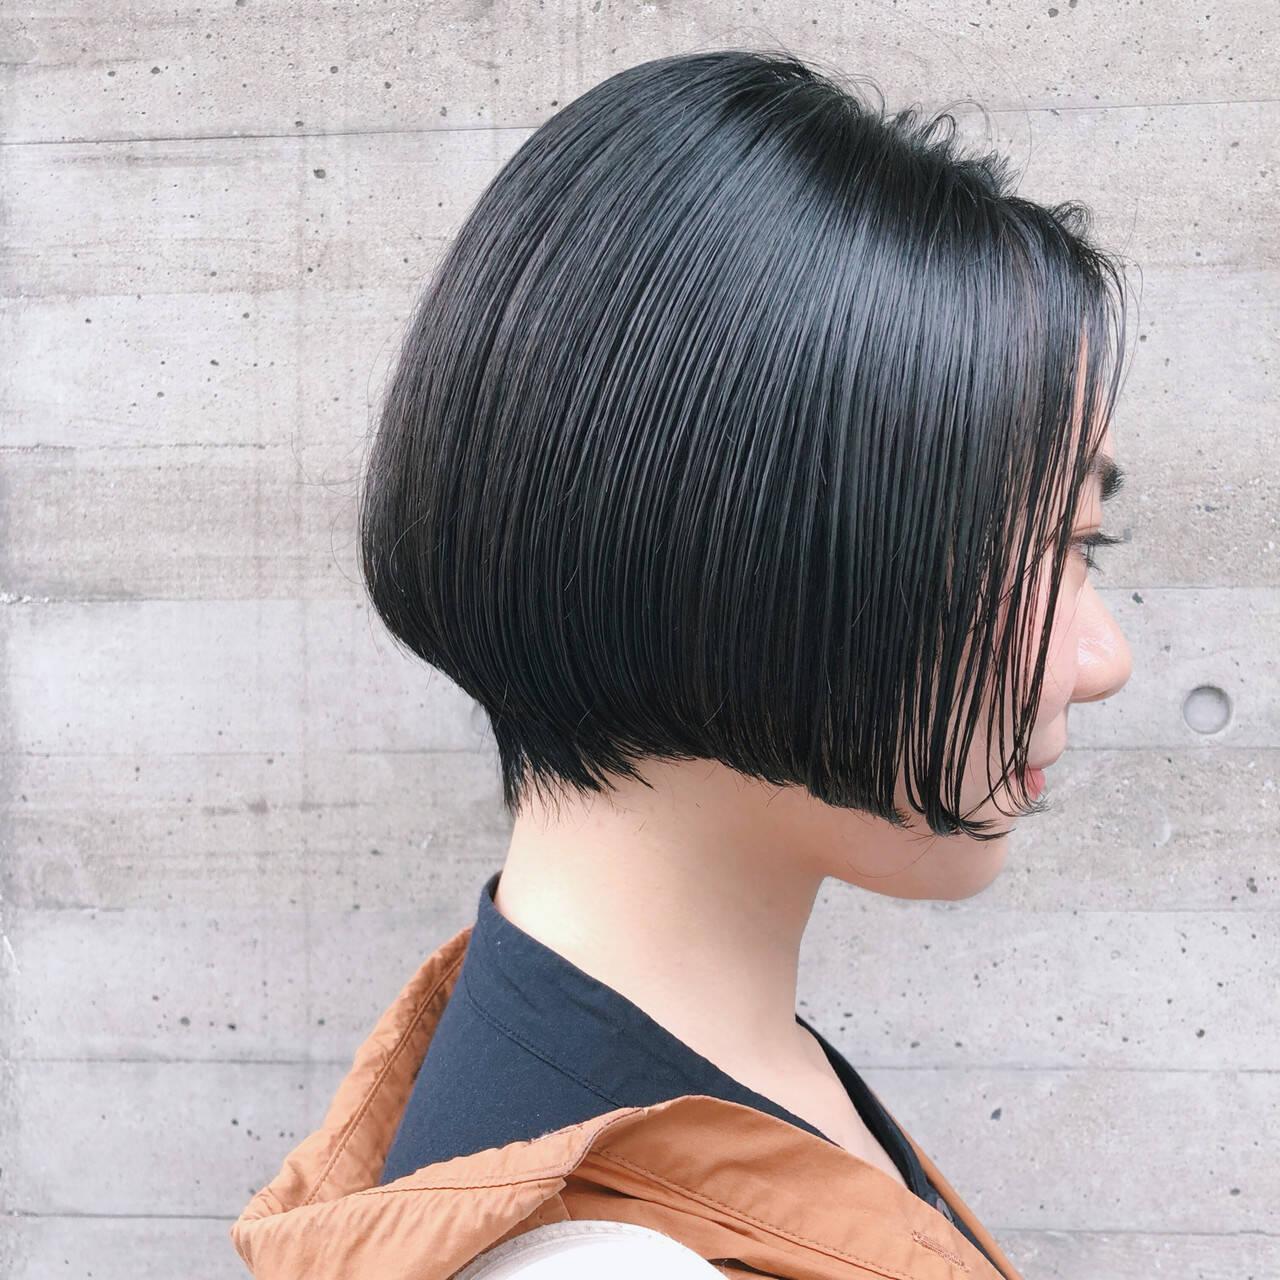 毛先パーマ ショートボブ アンニュイほつれヘア 黒髪ヘアスタイルや髪型の写真・画像